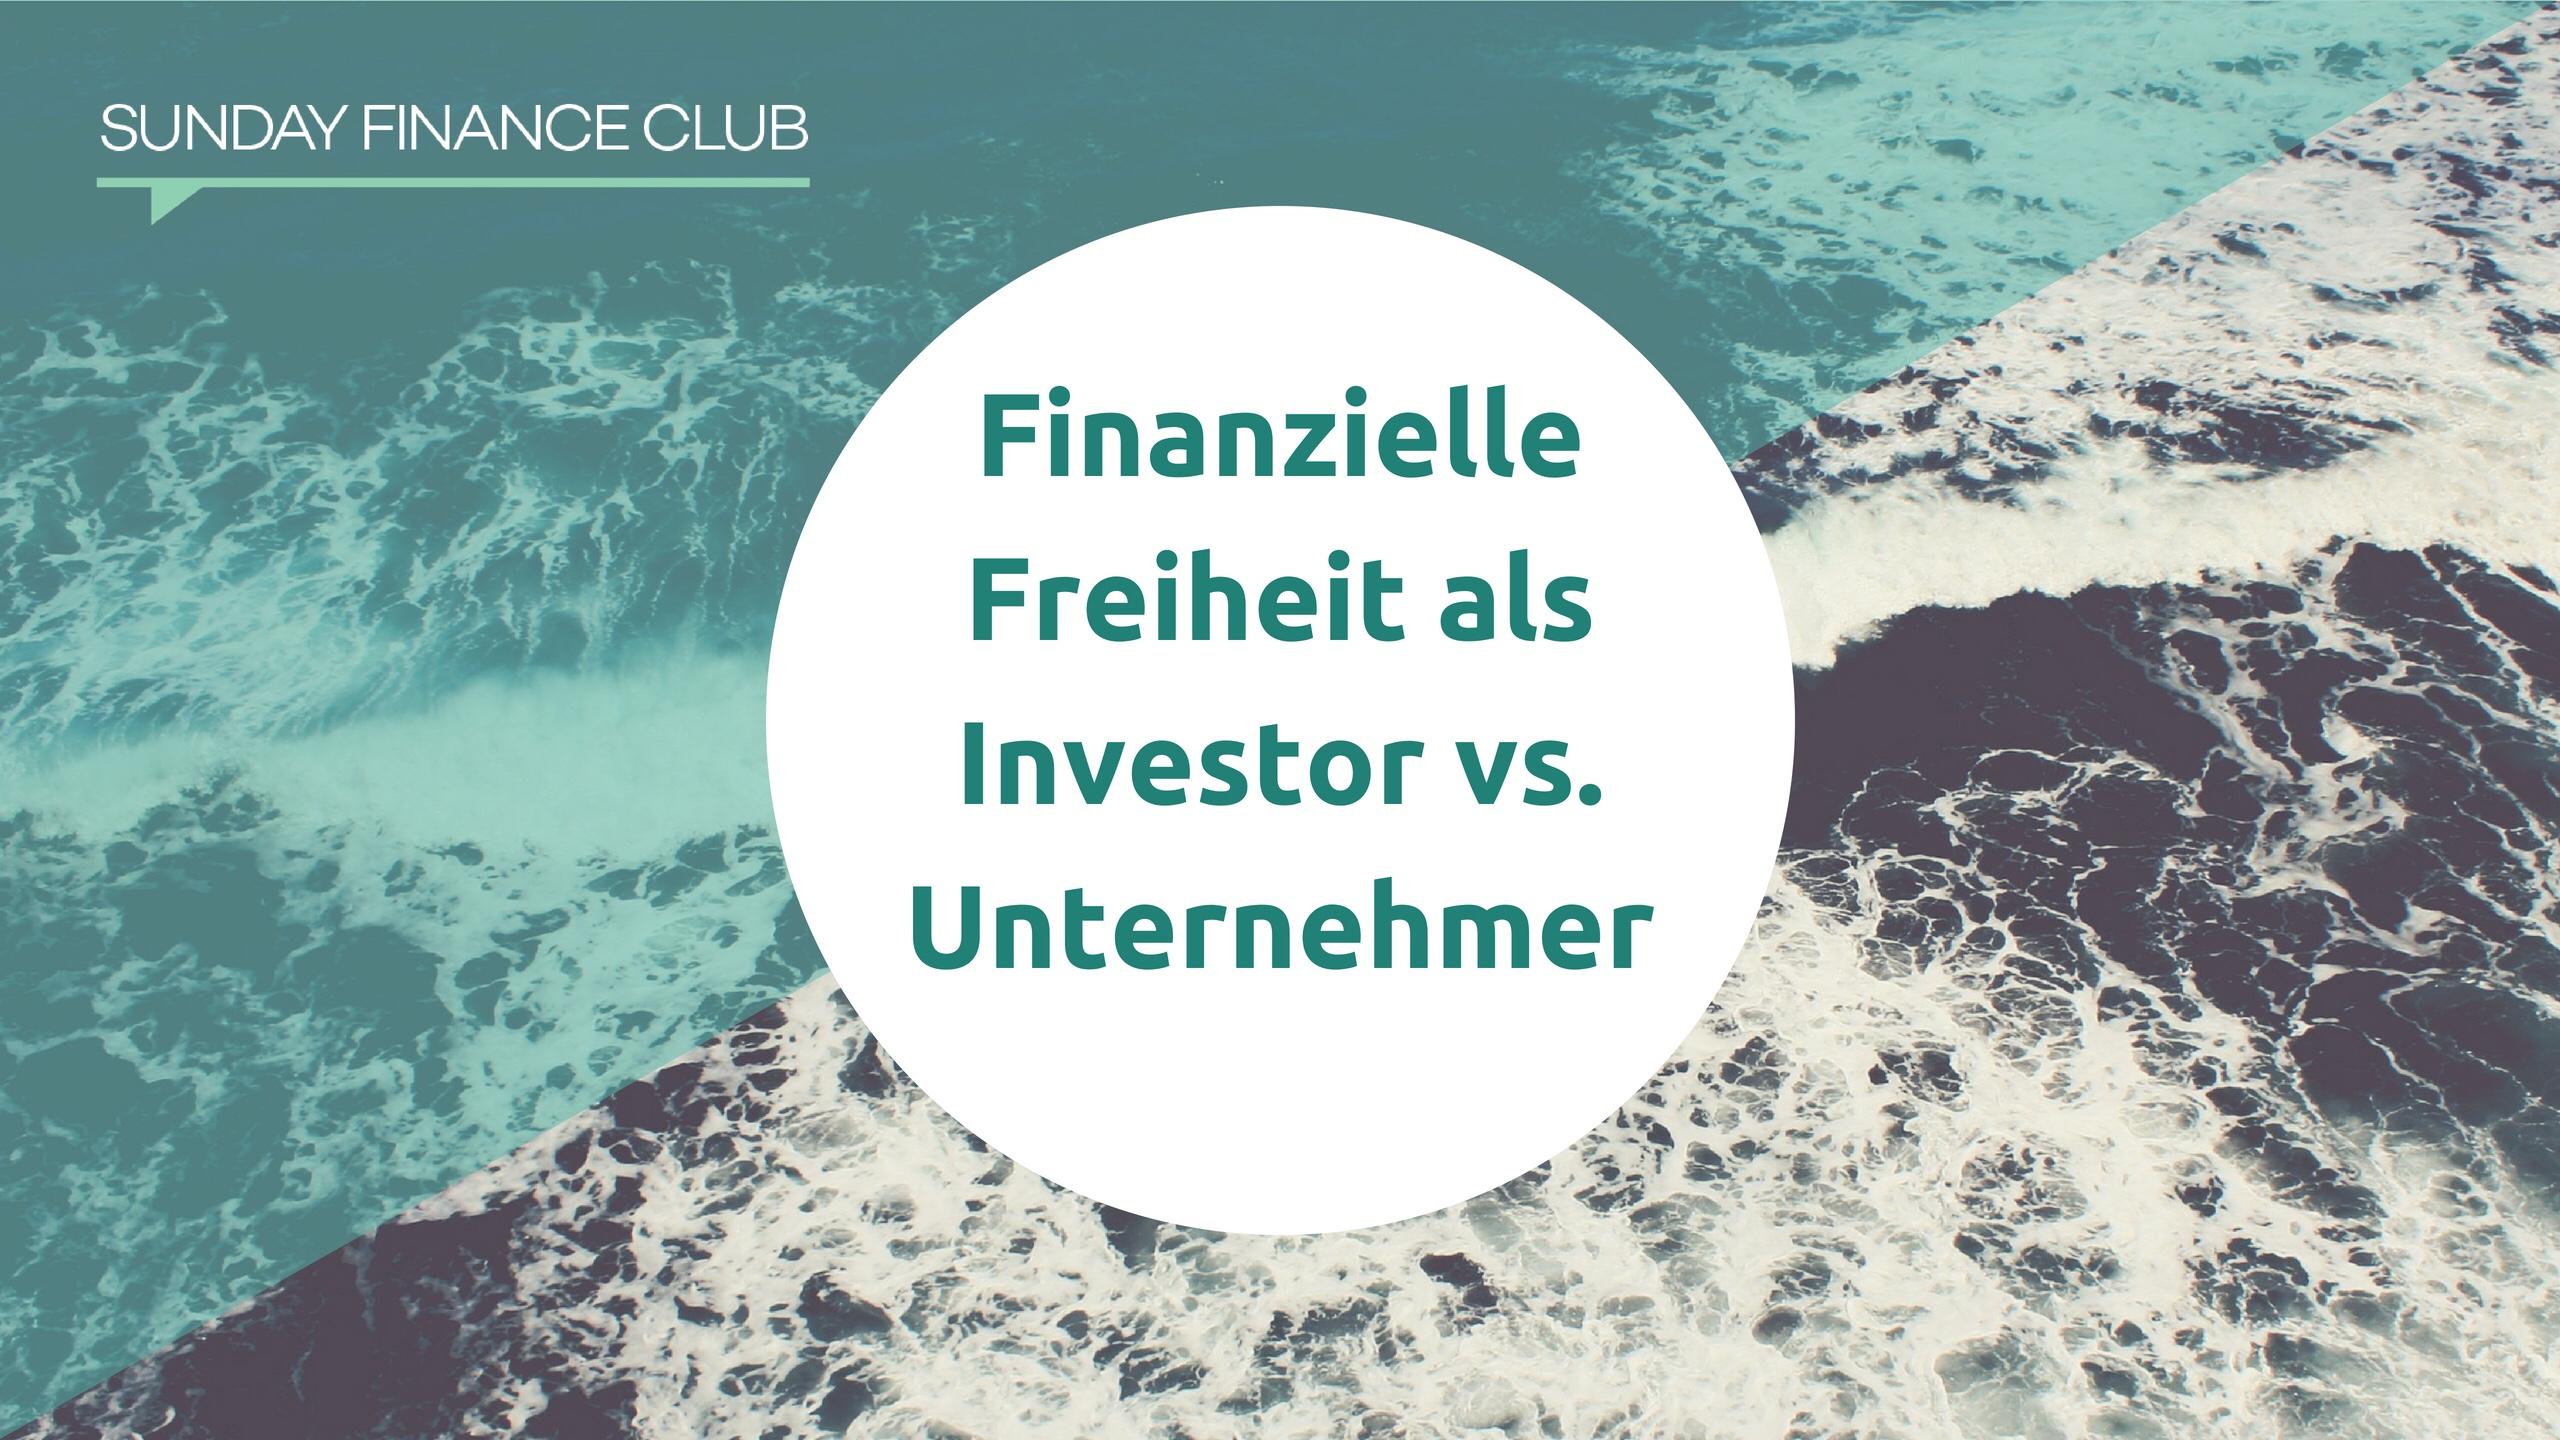 Finanzielle Freiheit als Investor und Unternehmer